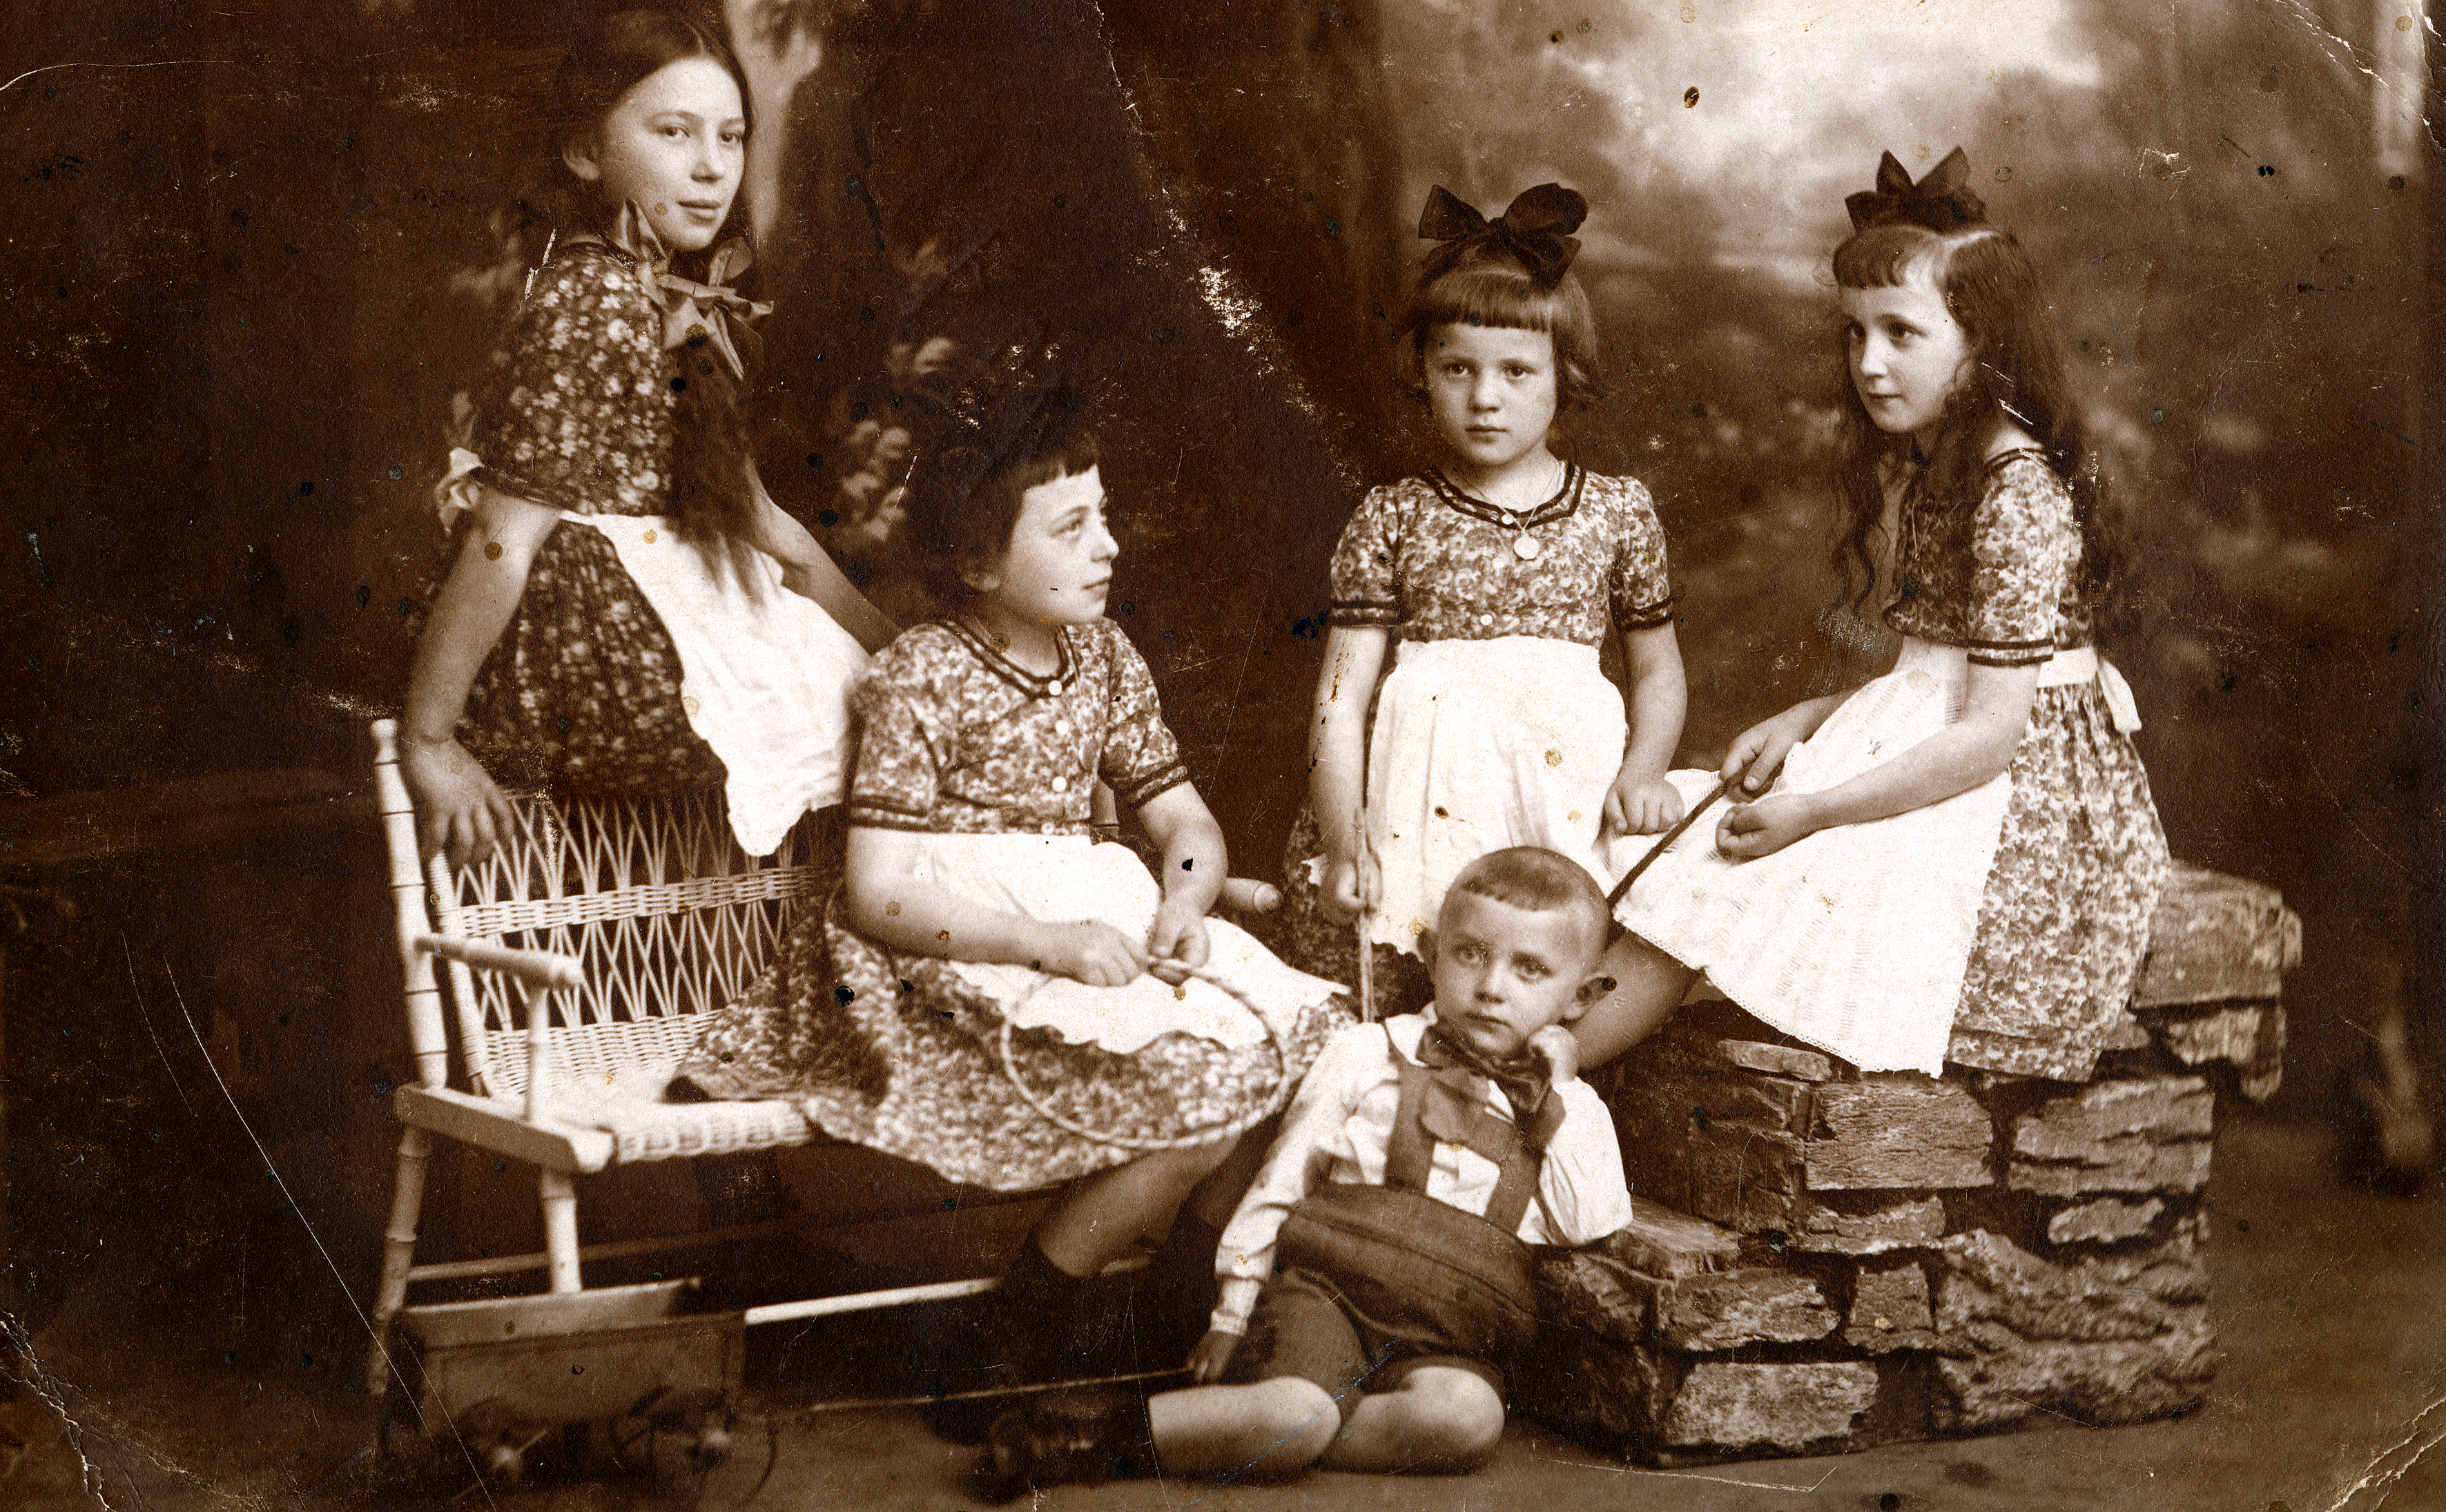 Rosa Rosenstein mit ihren Geschwistern Betty Chaim, Erna Goldstein, Cilly Brandstetter und Arthur Braw